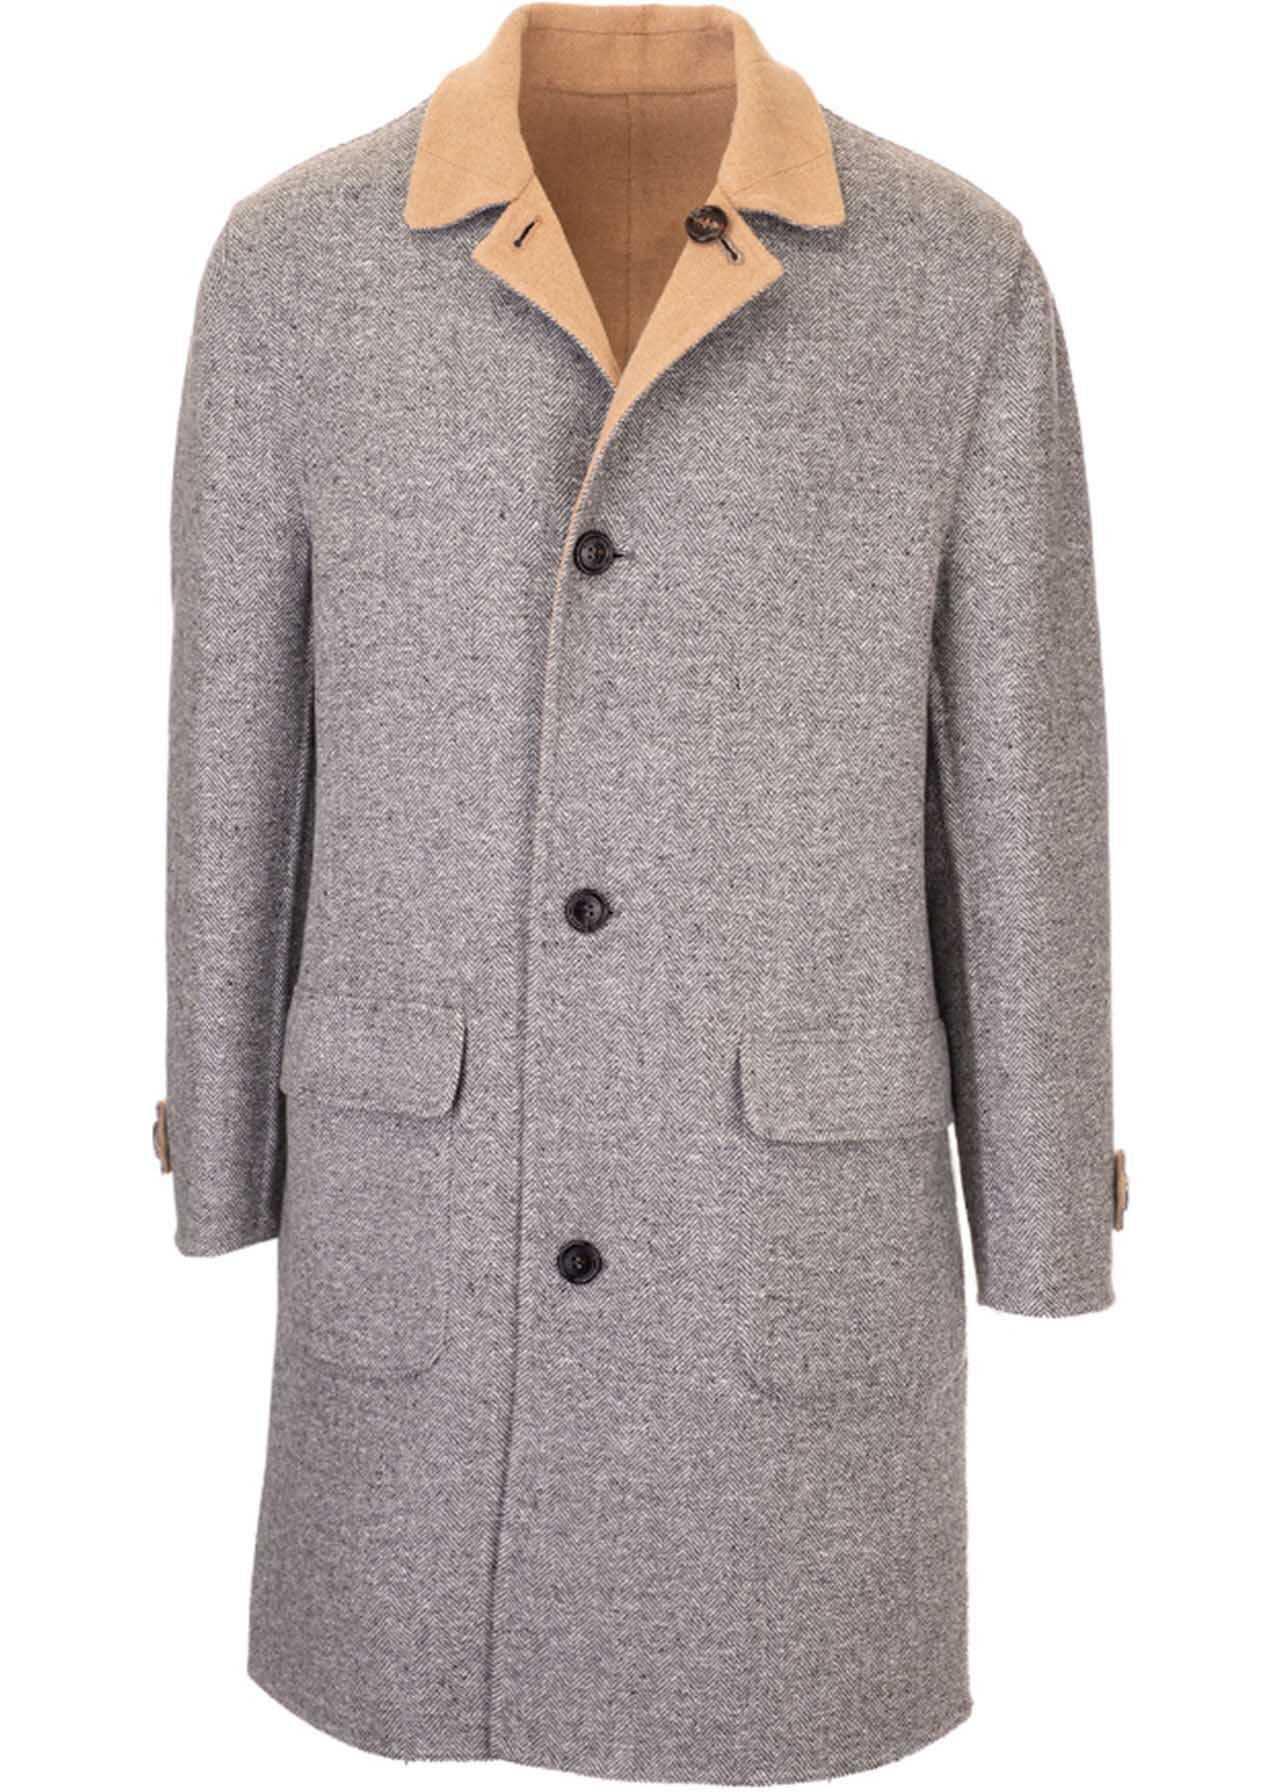 Brunello Cucinelli Reversible Frock Coat In Grey And Beige Grey imagine